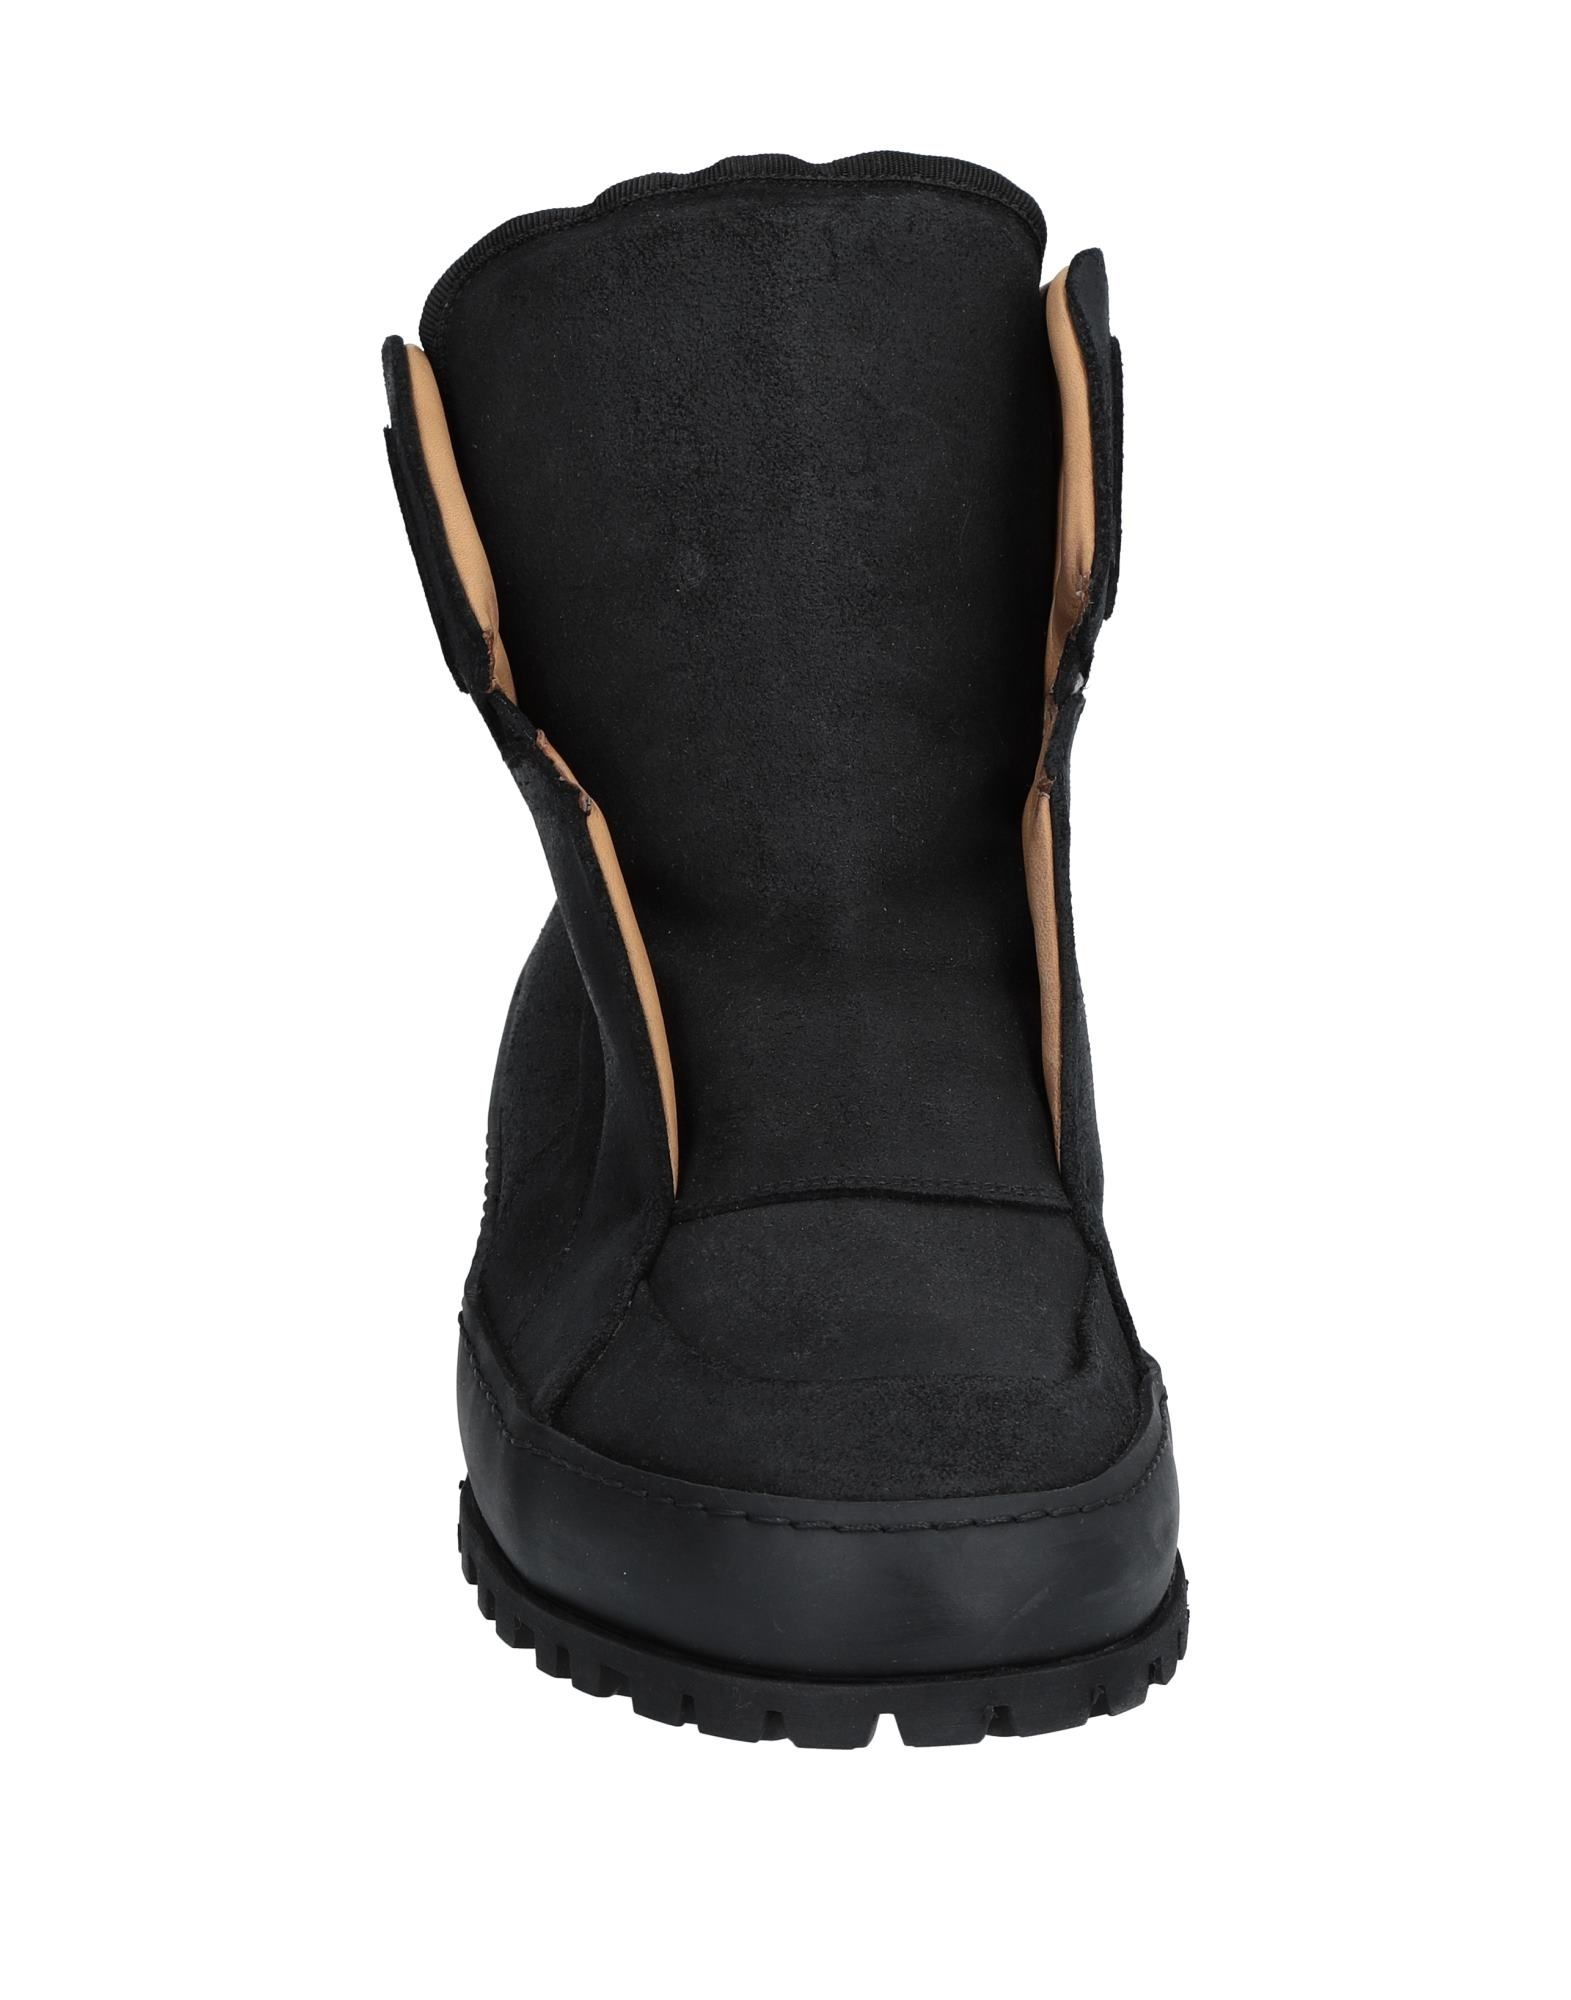 Premiata Stiefelette Herren  11531069TD Gute Qualität beliebte Schuhe